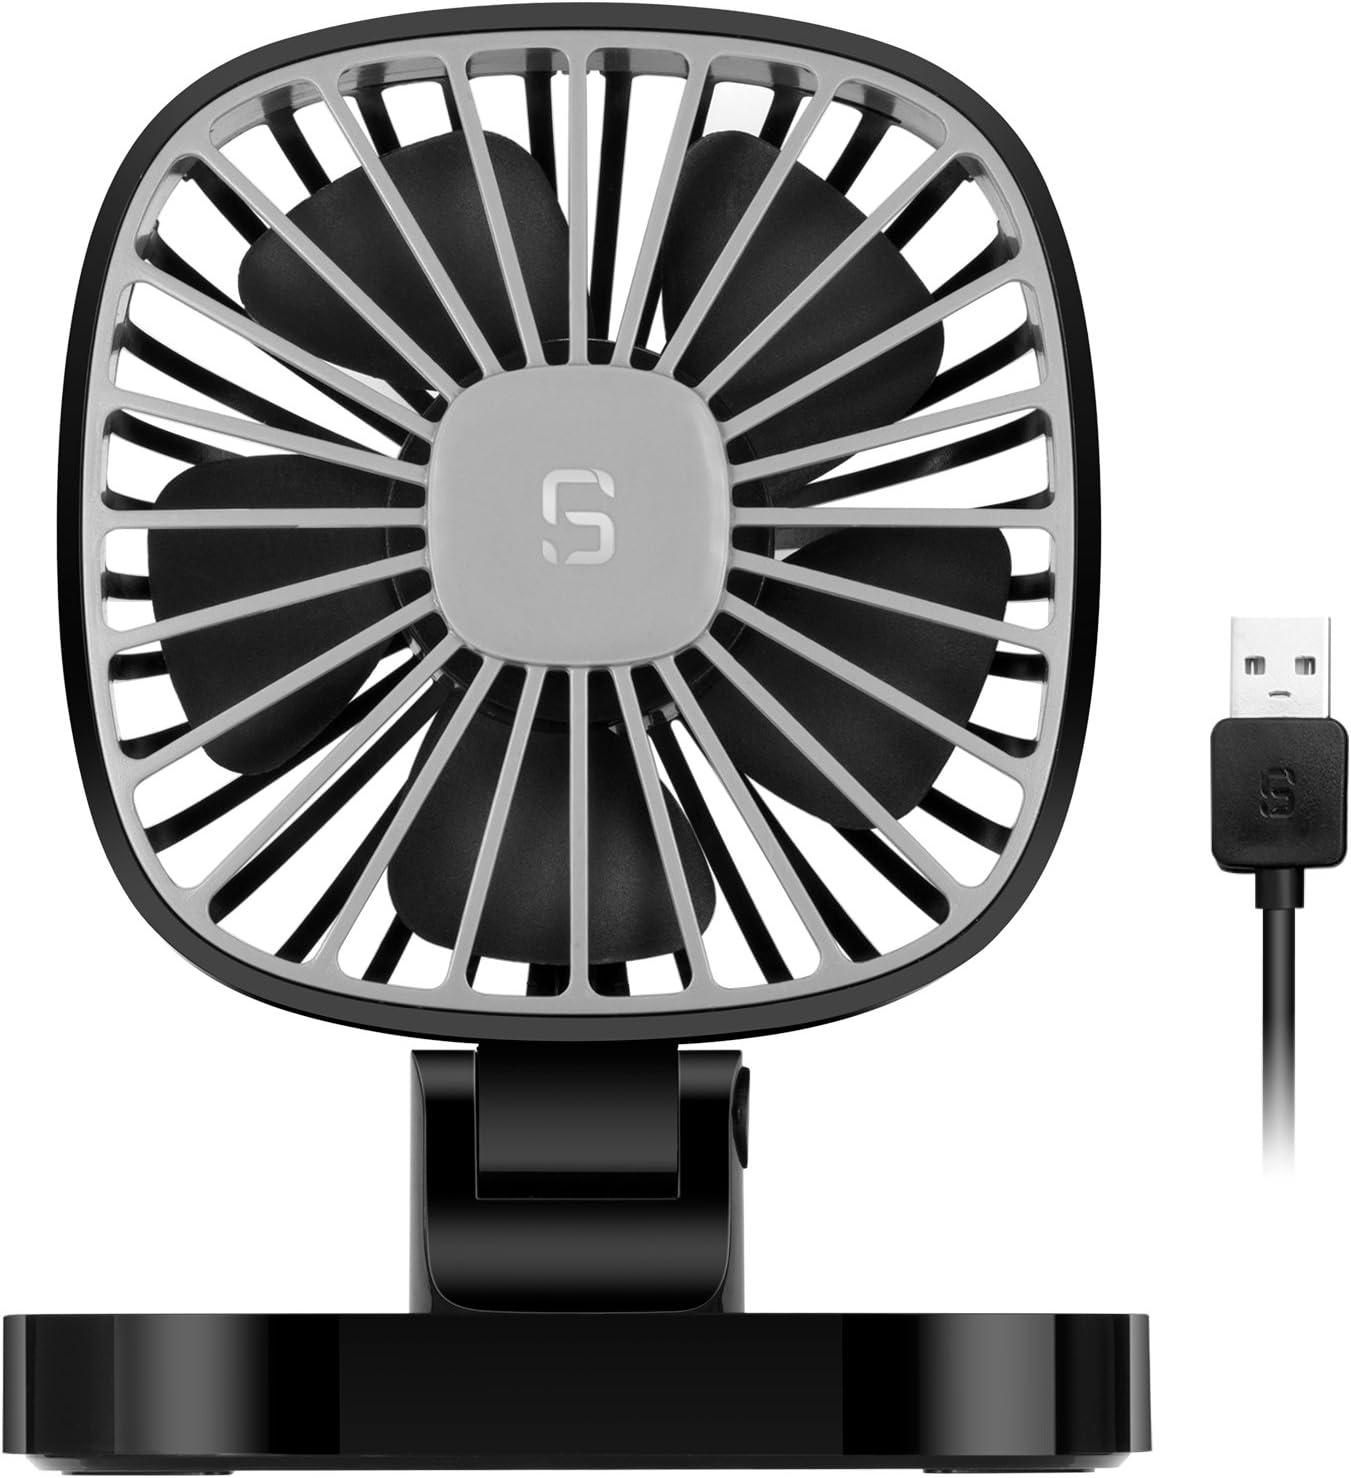 COMLIFE Ventilador de Coche de USB Giratorio de 360 Grados 4 Pulgadas con 3 Velocidades Silencioso y Potente Circulador de Aire para Todo Tipo de Coche(1 pack)